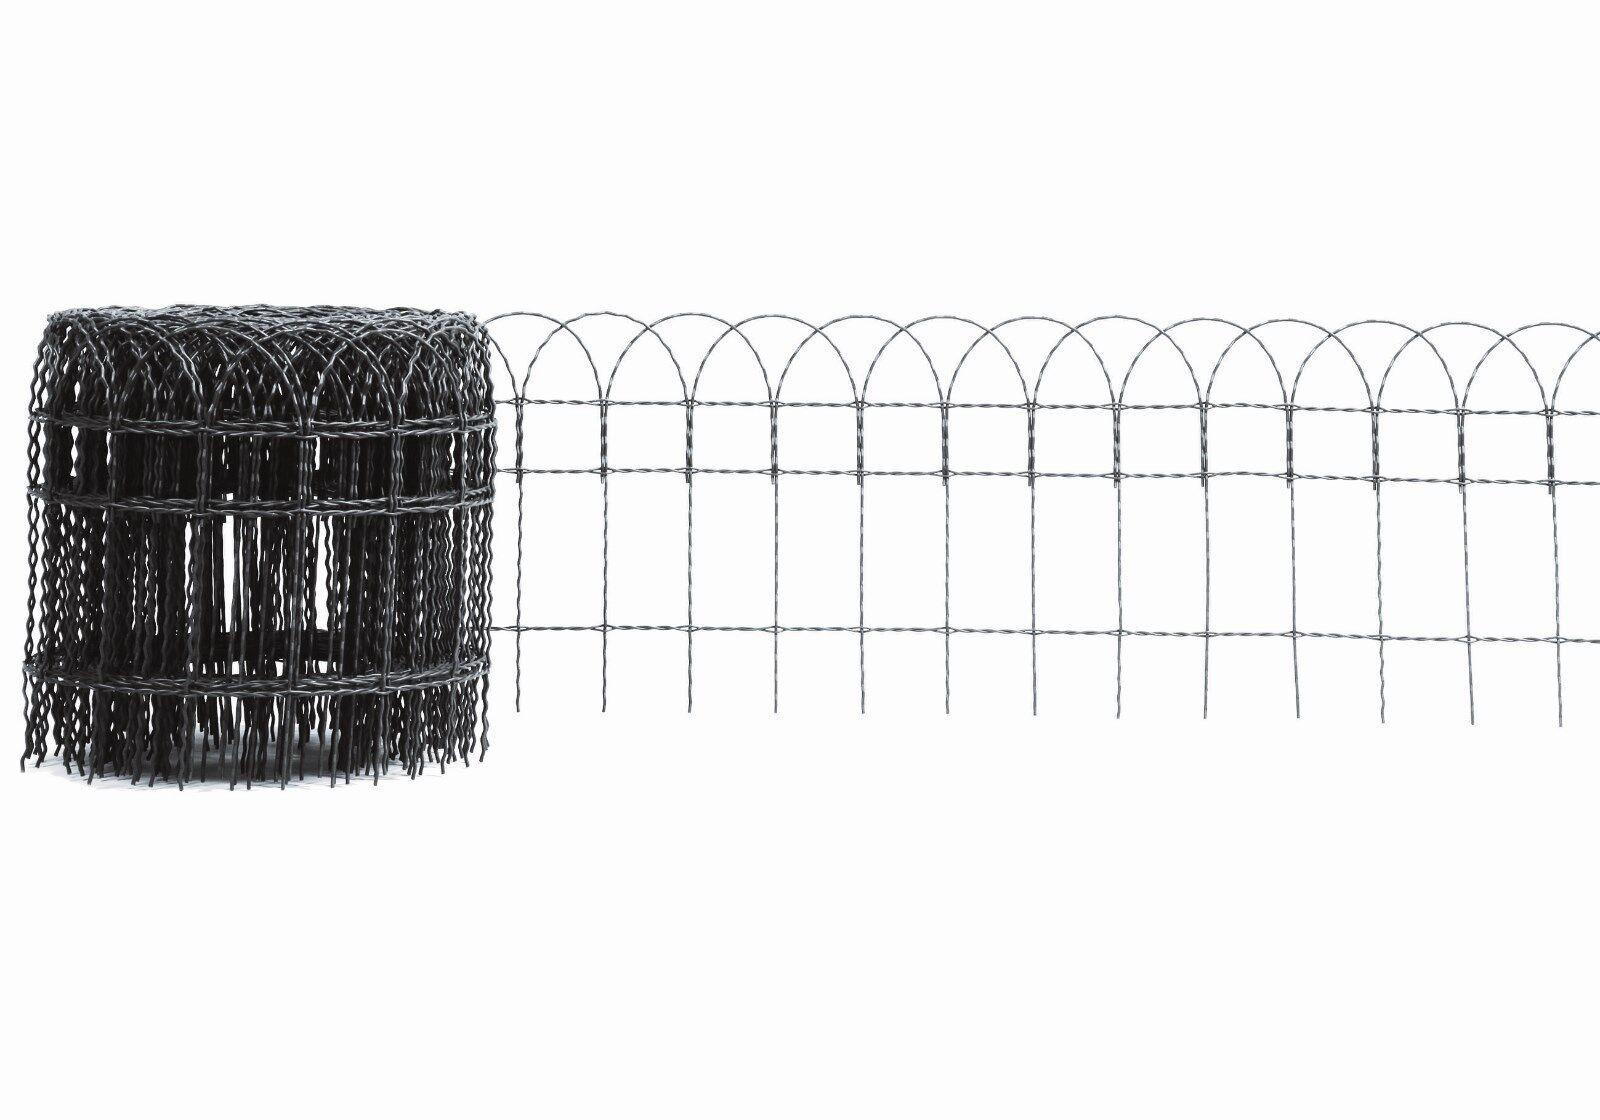 ZIERGEFLECHT Rollenlänge 10 m Höhe 40 cm ZIERGITTER ANTHRAZIT